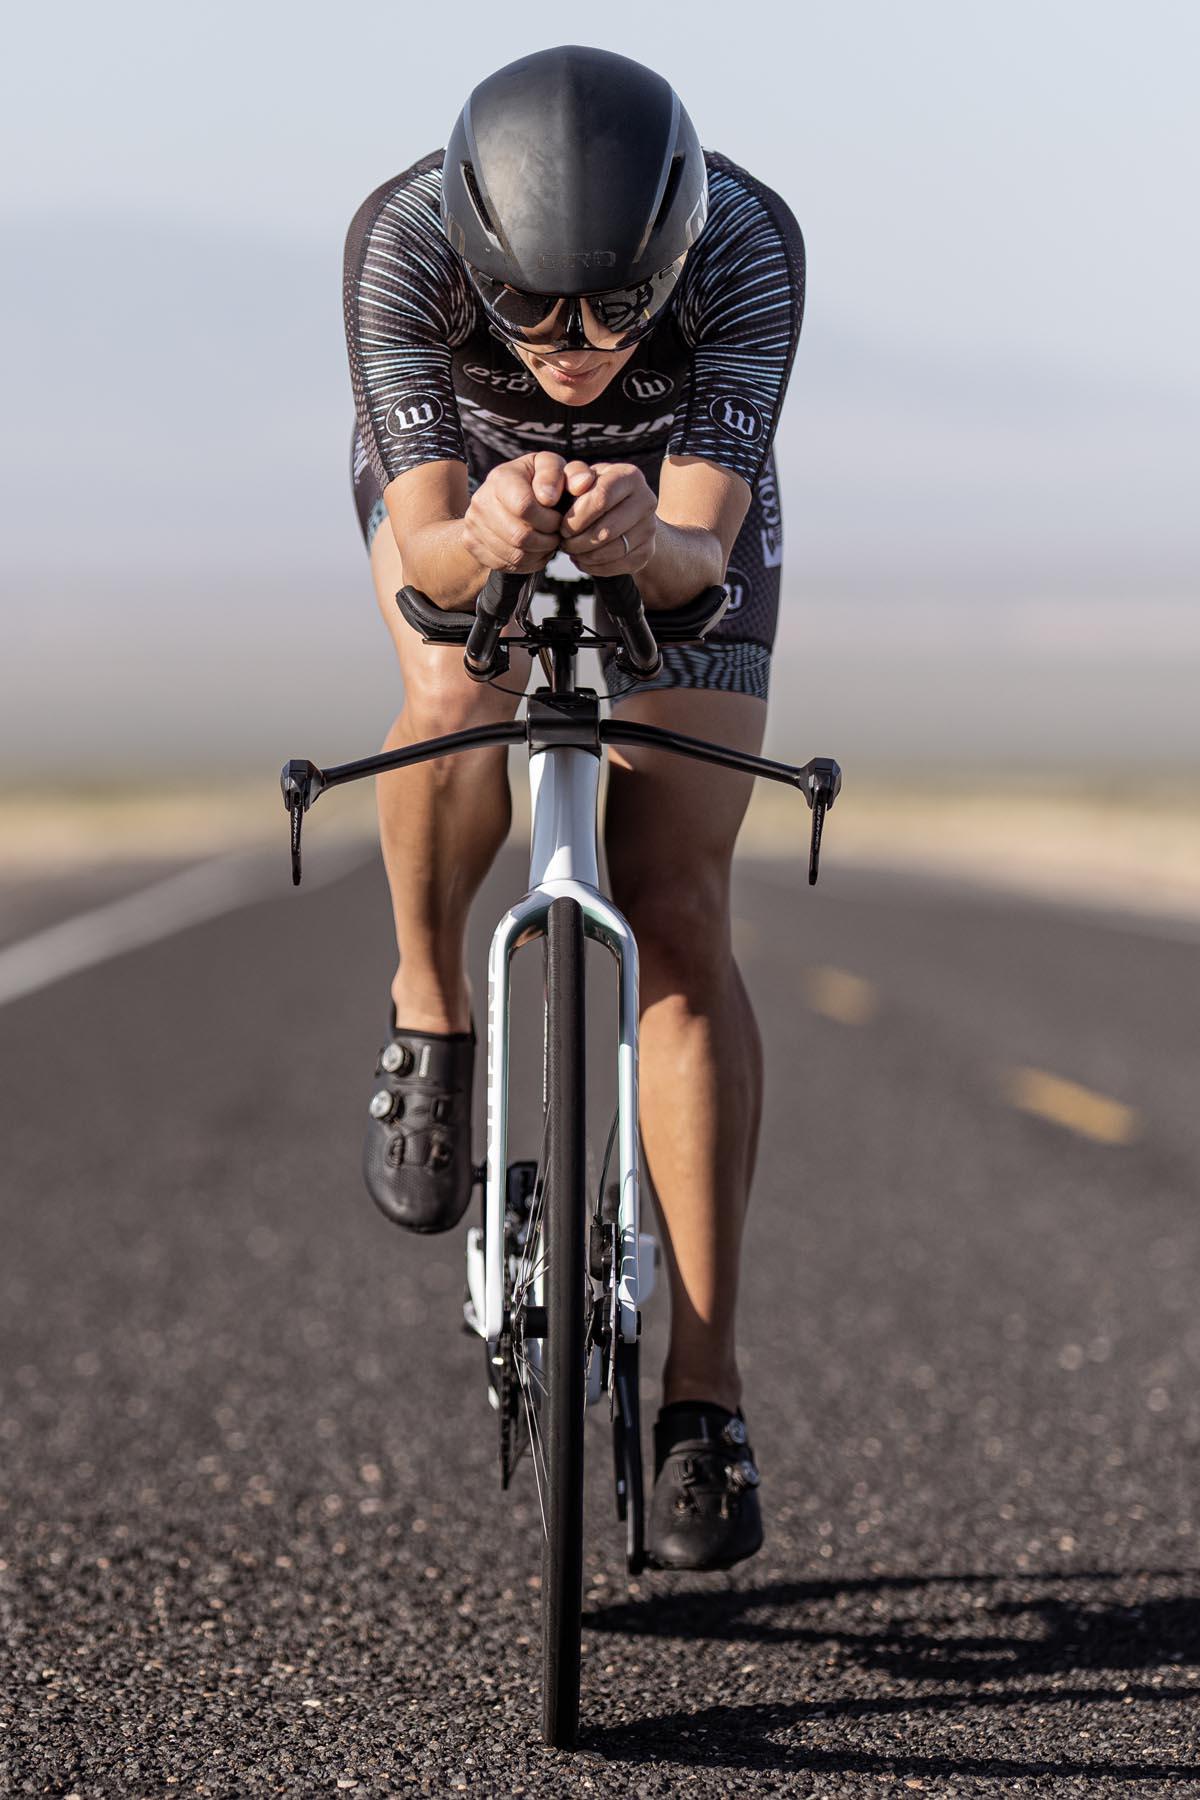 Ventum One triathlon super bike front fork